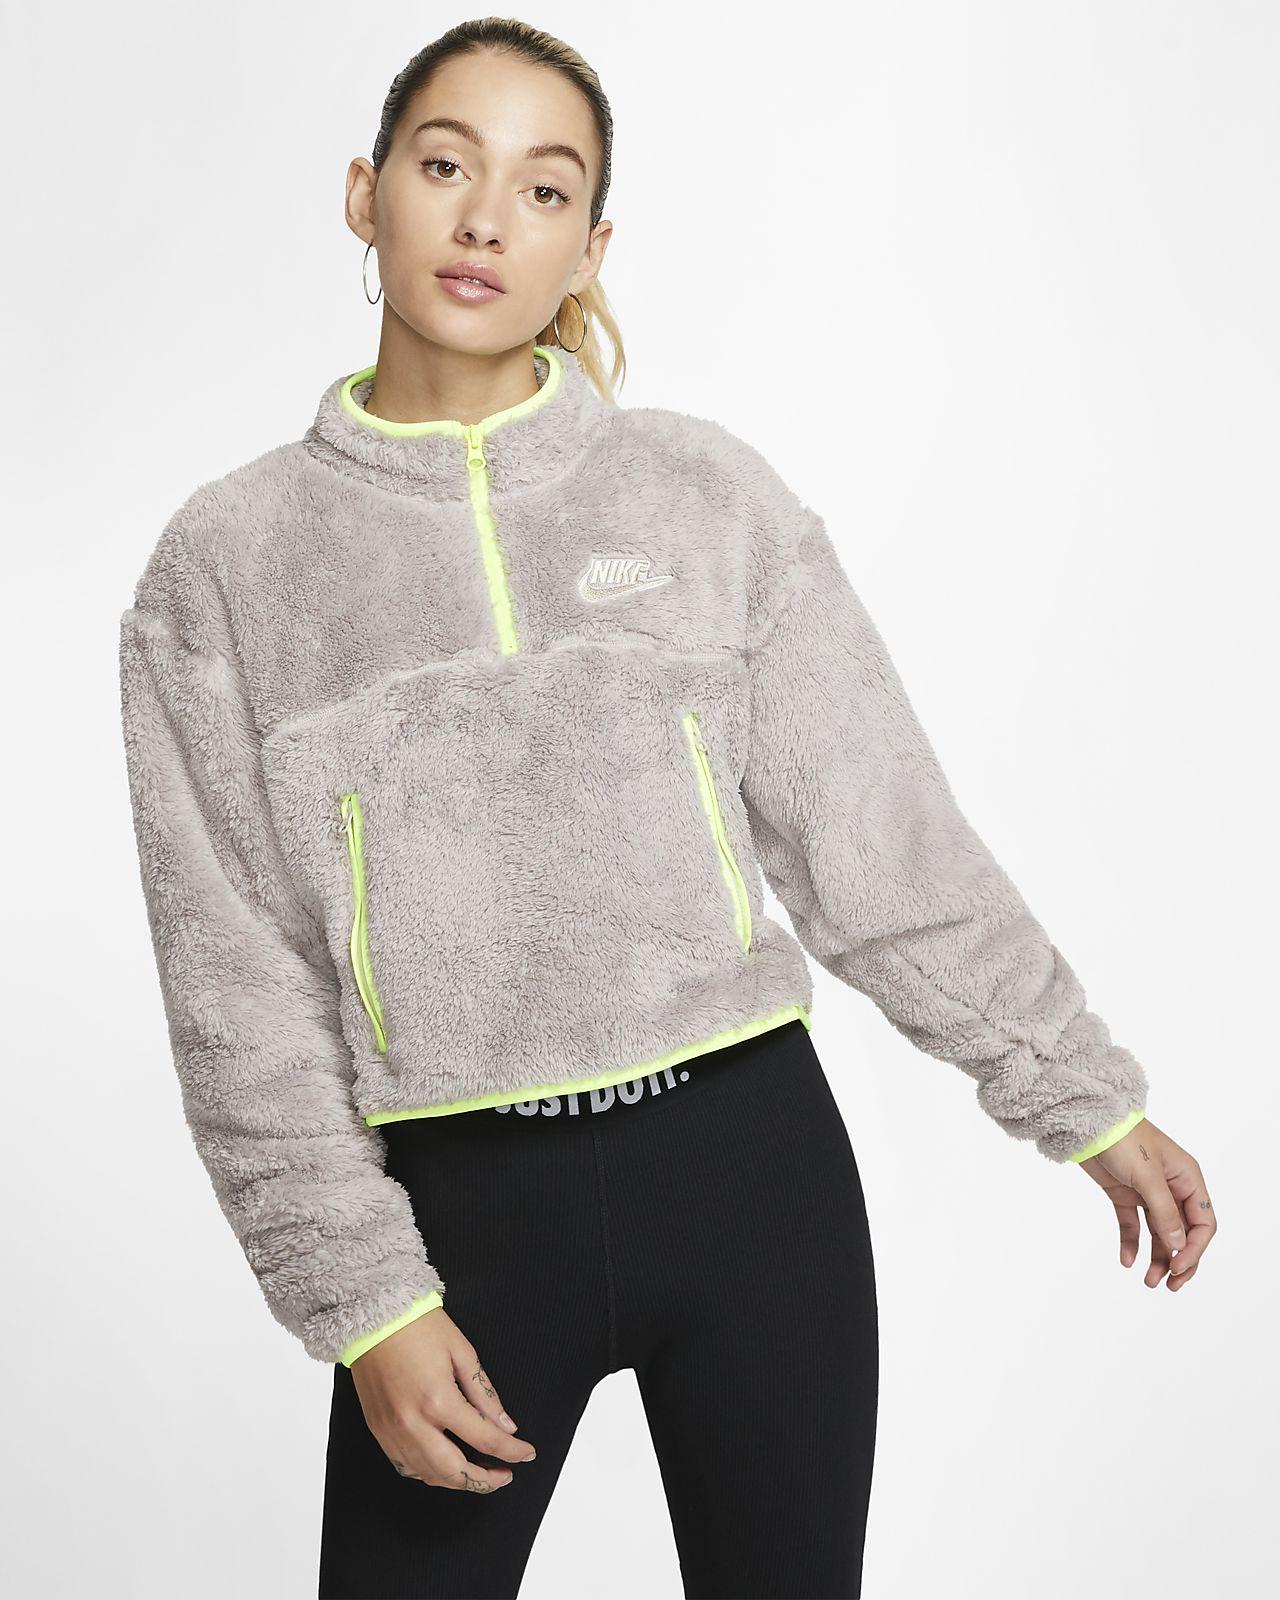 Dámský flísový zkrácený top Nike Sportswear s umělým beránkem a čtvrtinovým zipem